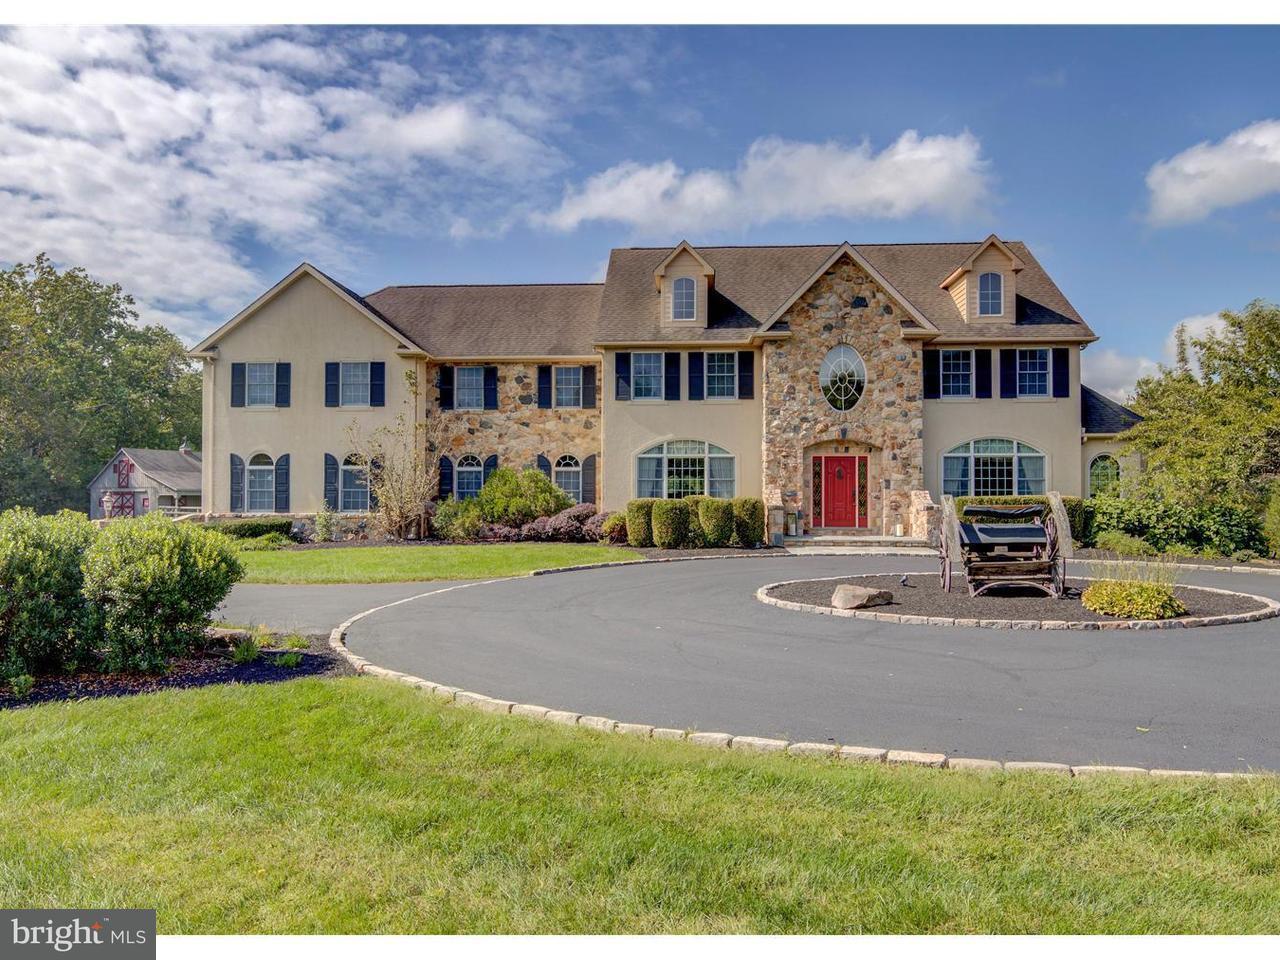 Частный односемейный дом для того Продажа на 104 SAWMILL Road Landenberg, Пенсильвания 19350 Соединенные Штаты